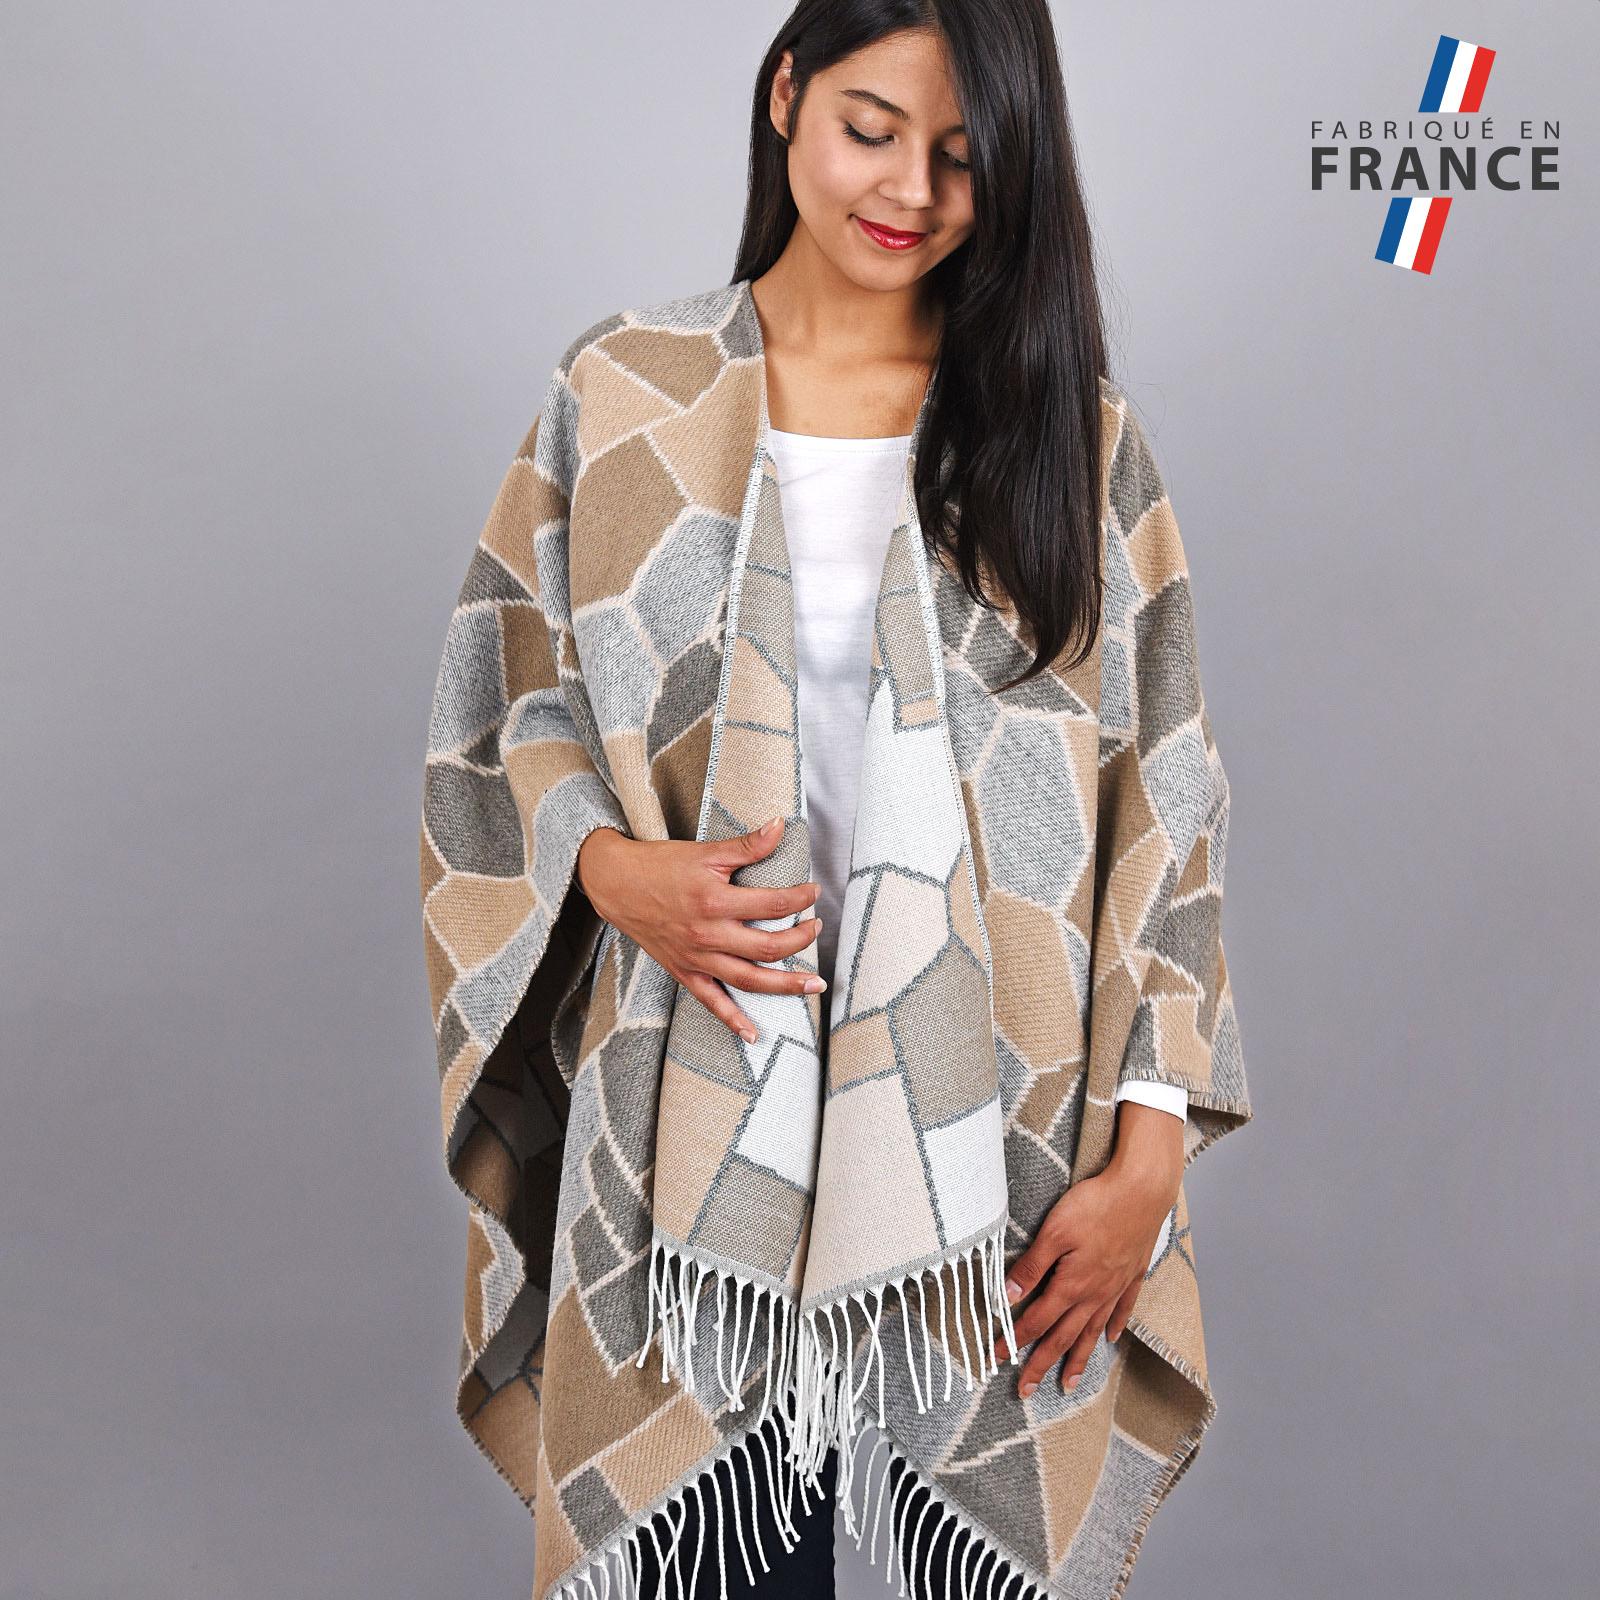 AT-03959-VF16-FR-poncho-femme-beige-carreaux